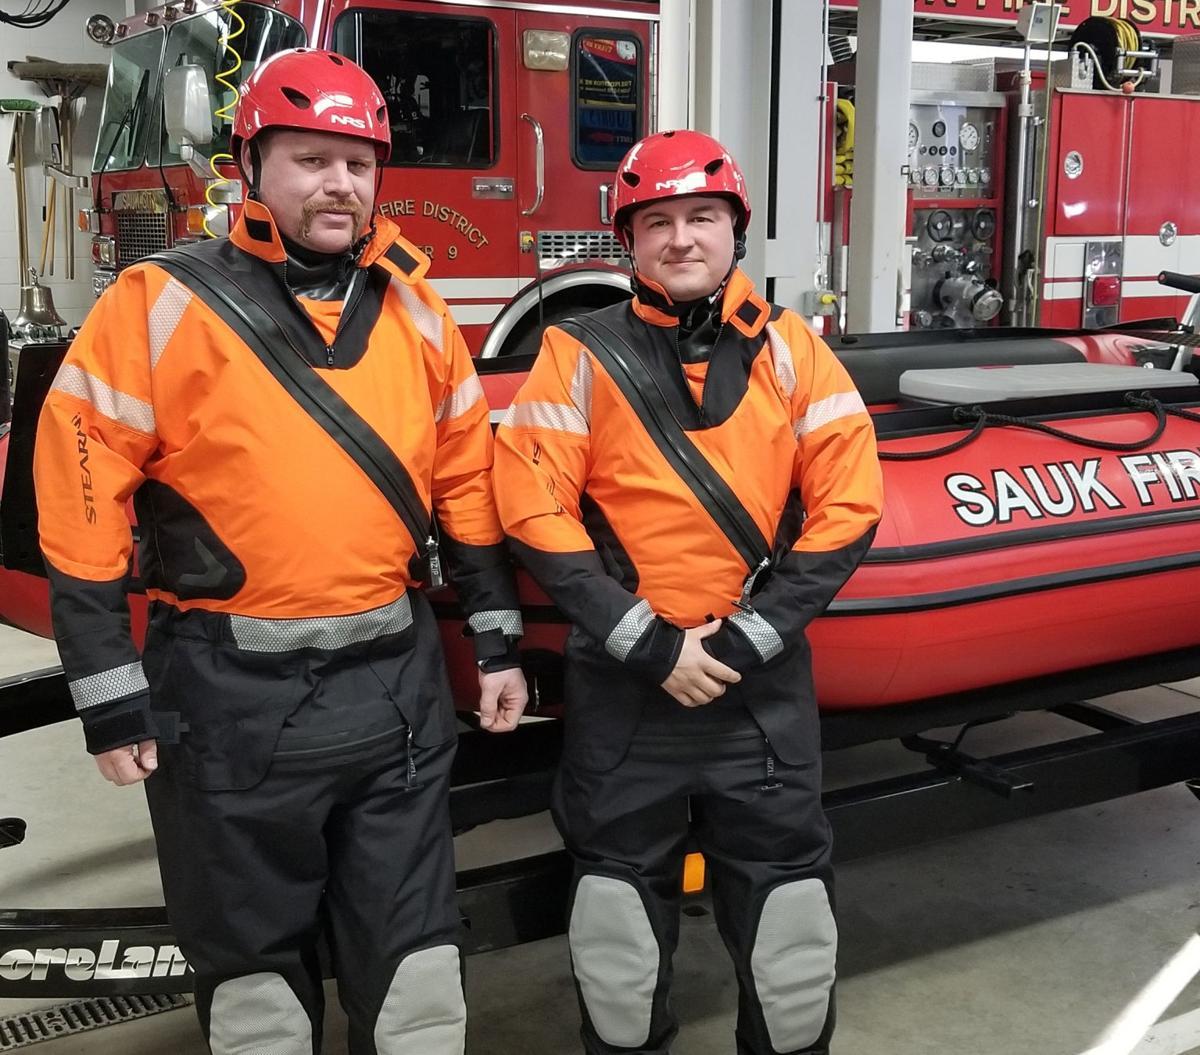 031419-sauk-news-firegrant2